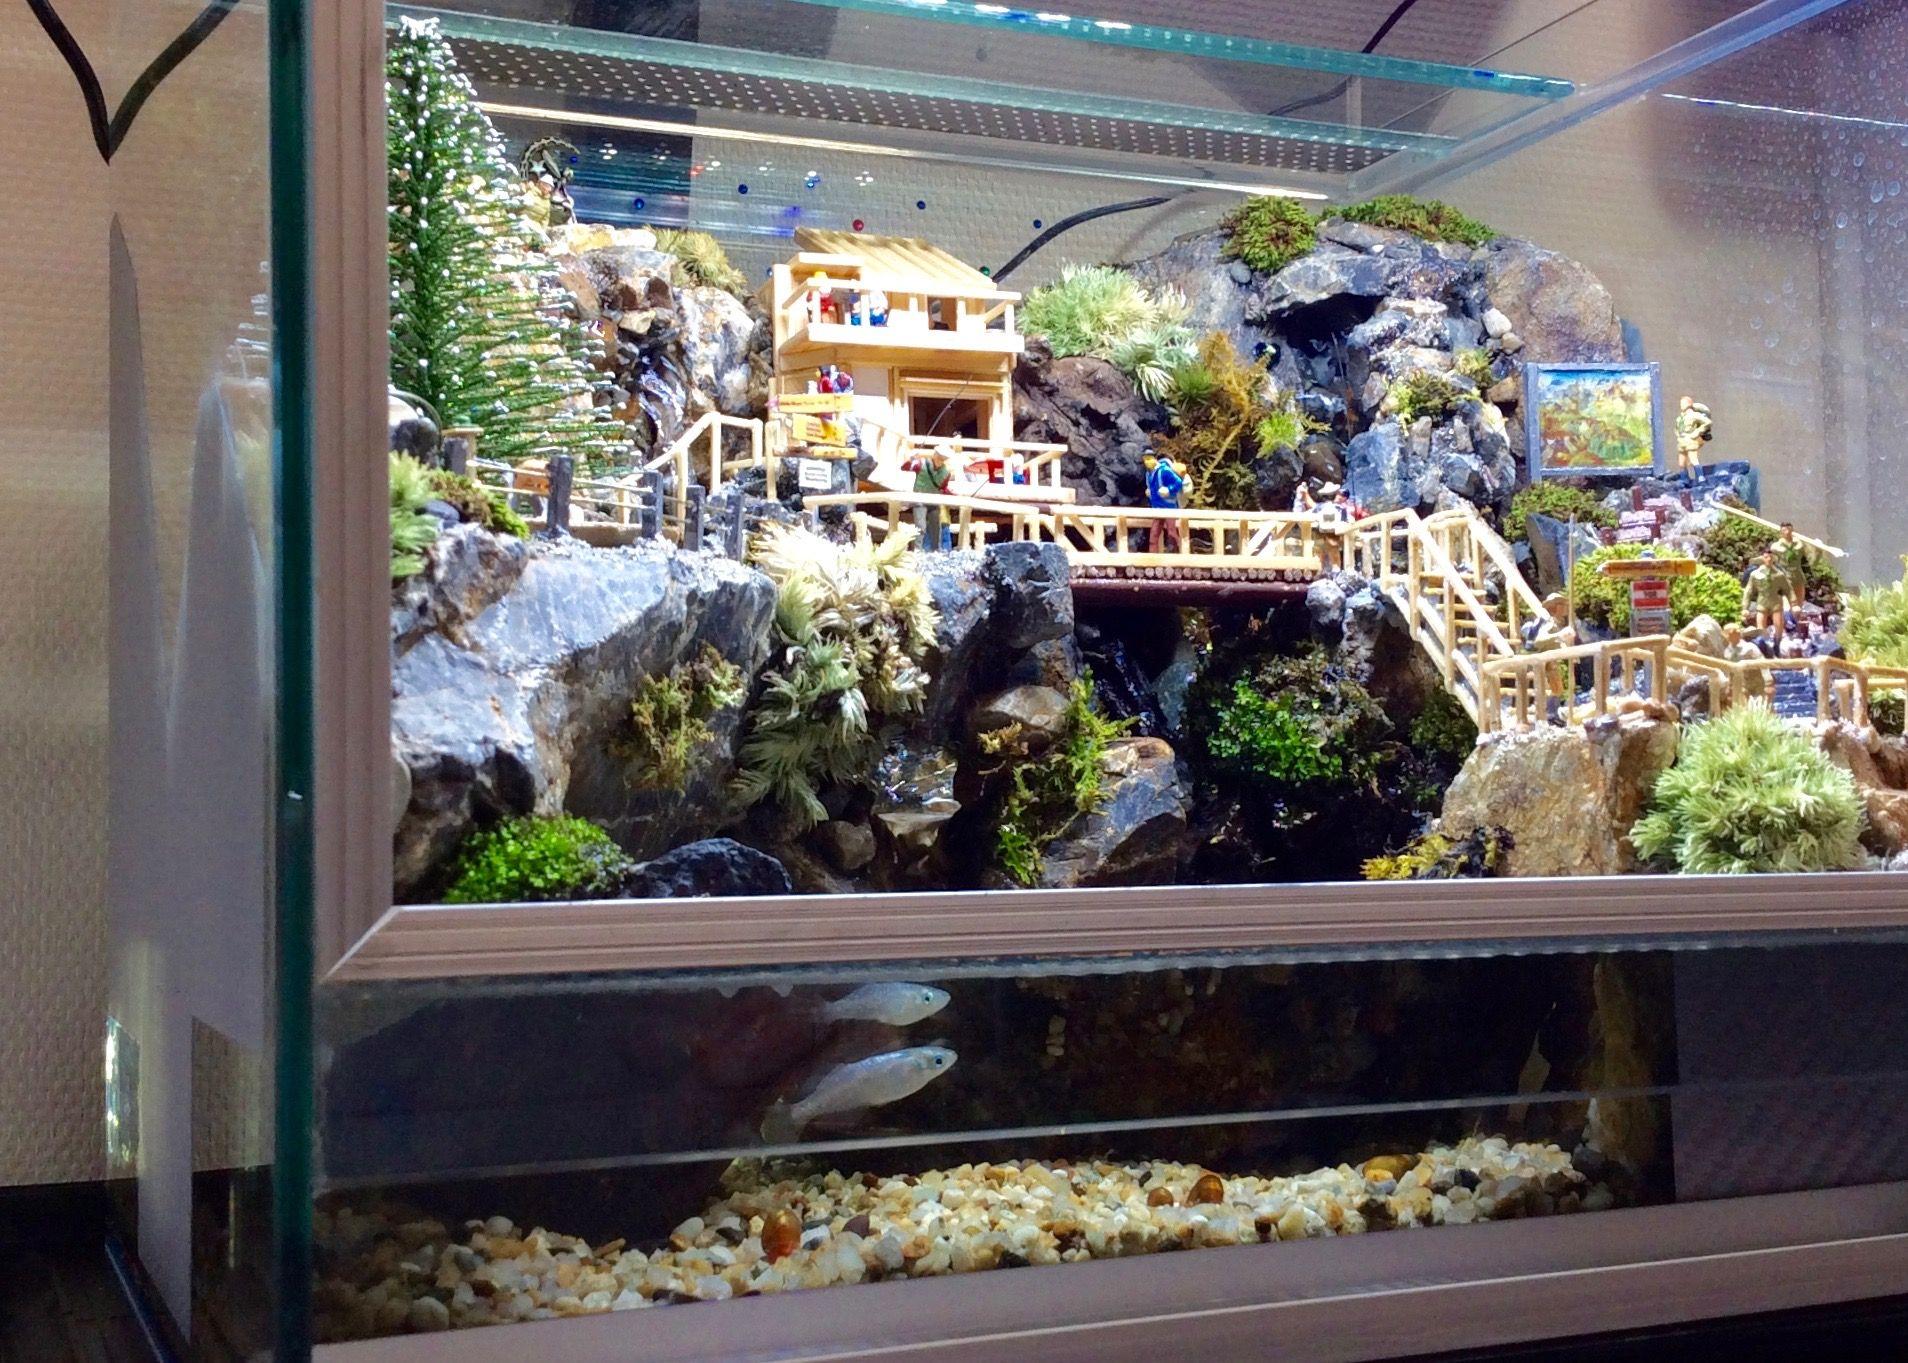 Moss Terrarium 俺の渓谷 Vol 06 改 Diorama Biotope ジオトープ ロッジ Ver 岩窟 コテージ Biotope Waterfall Aquascape Terrarium Plants Aquarium